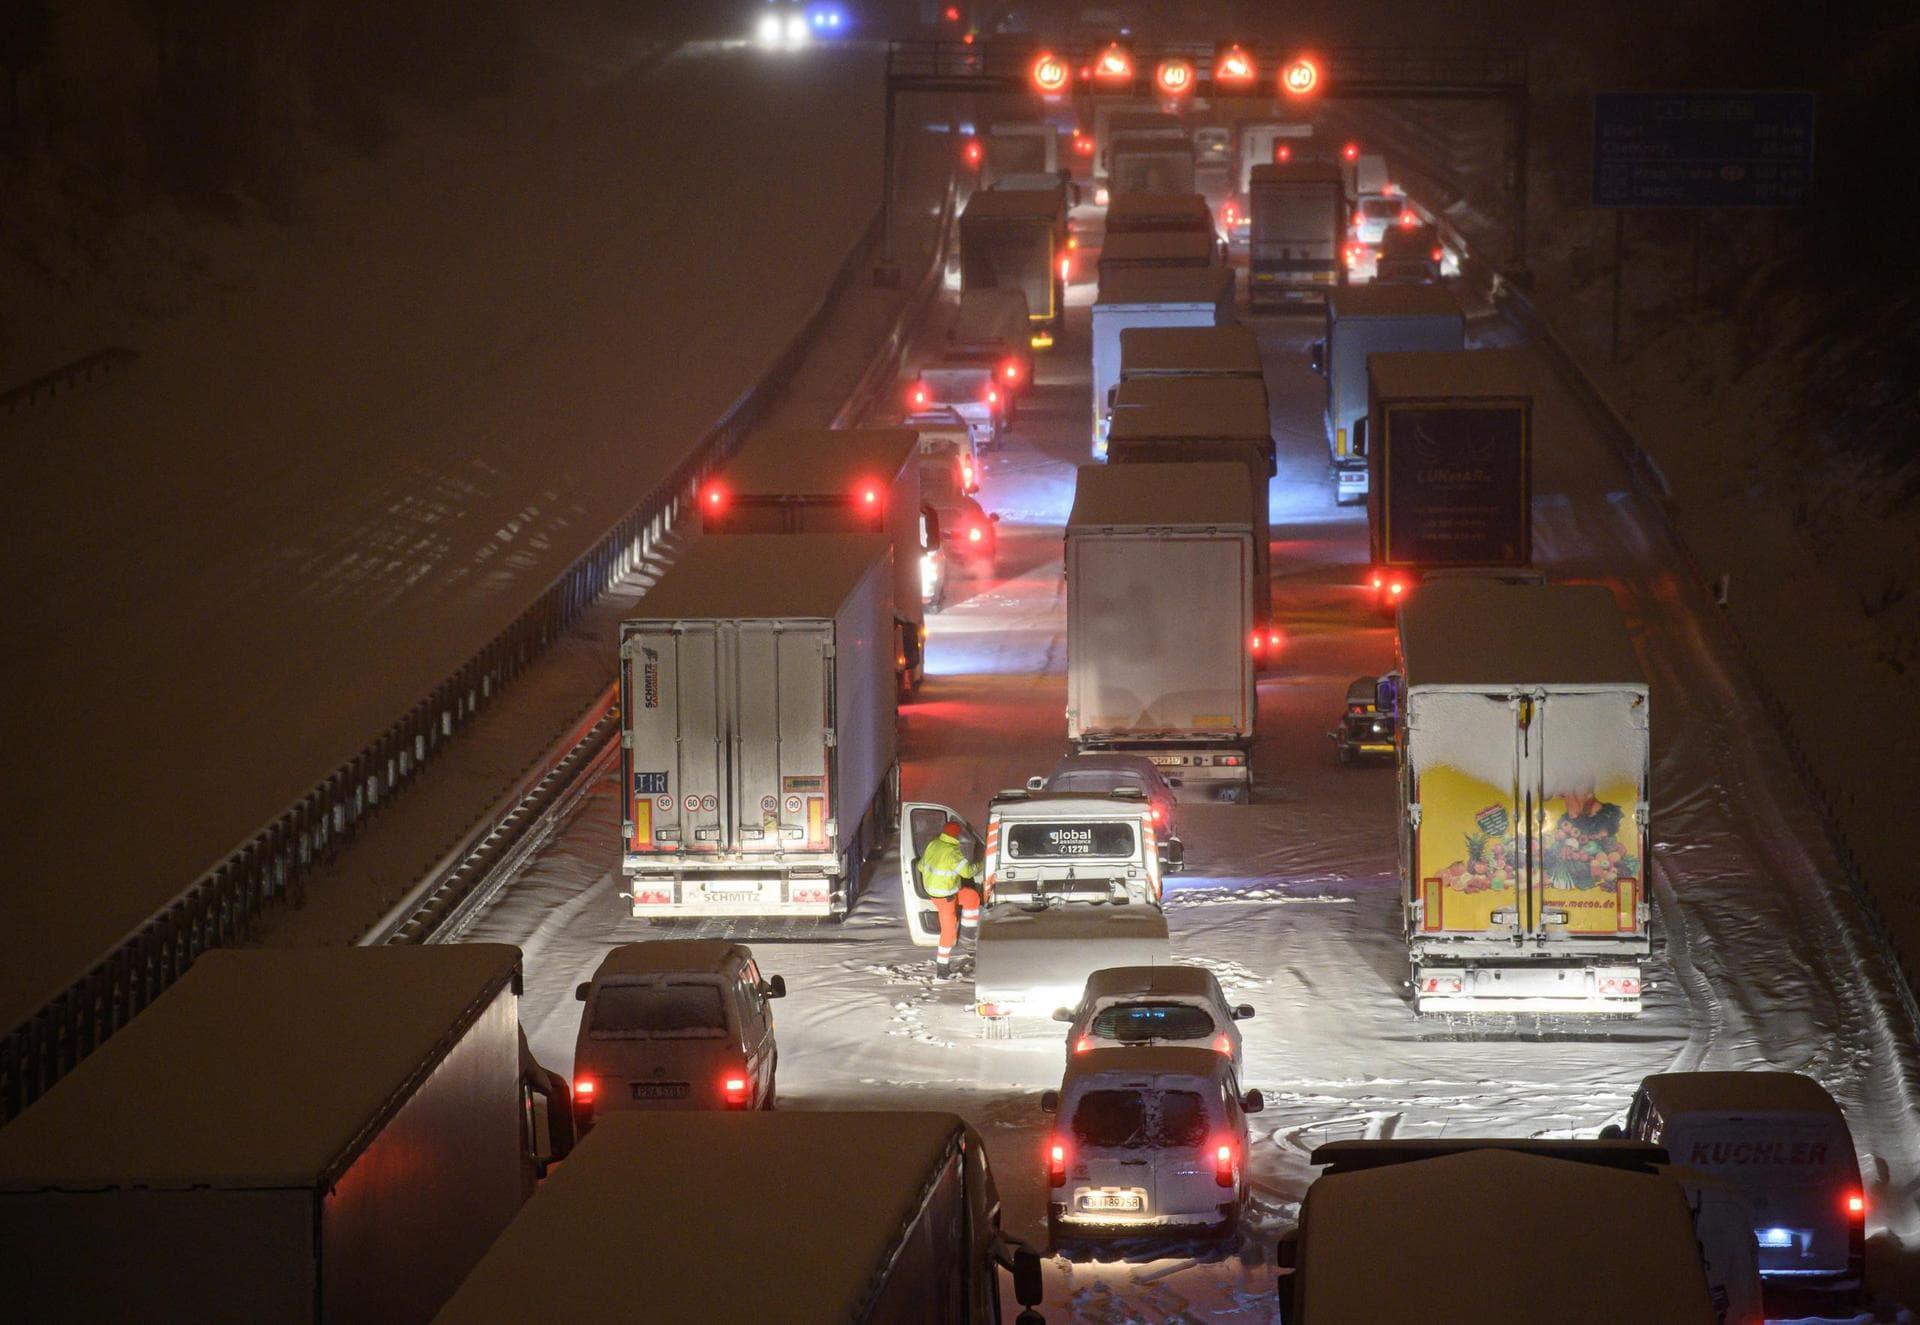 Lkw fahren sich reihenweise im Schnee fest Der Winter bleibt streng